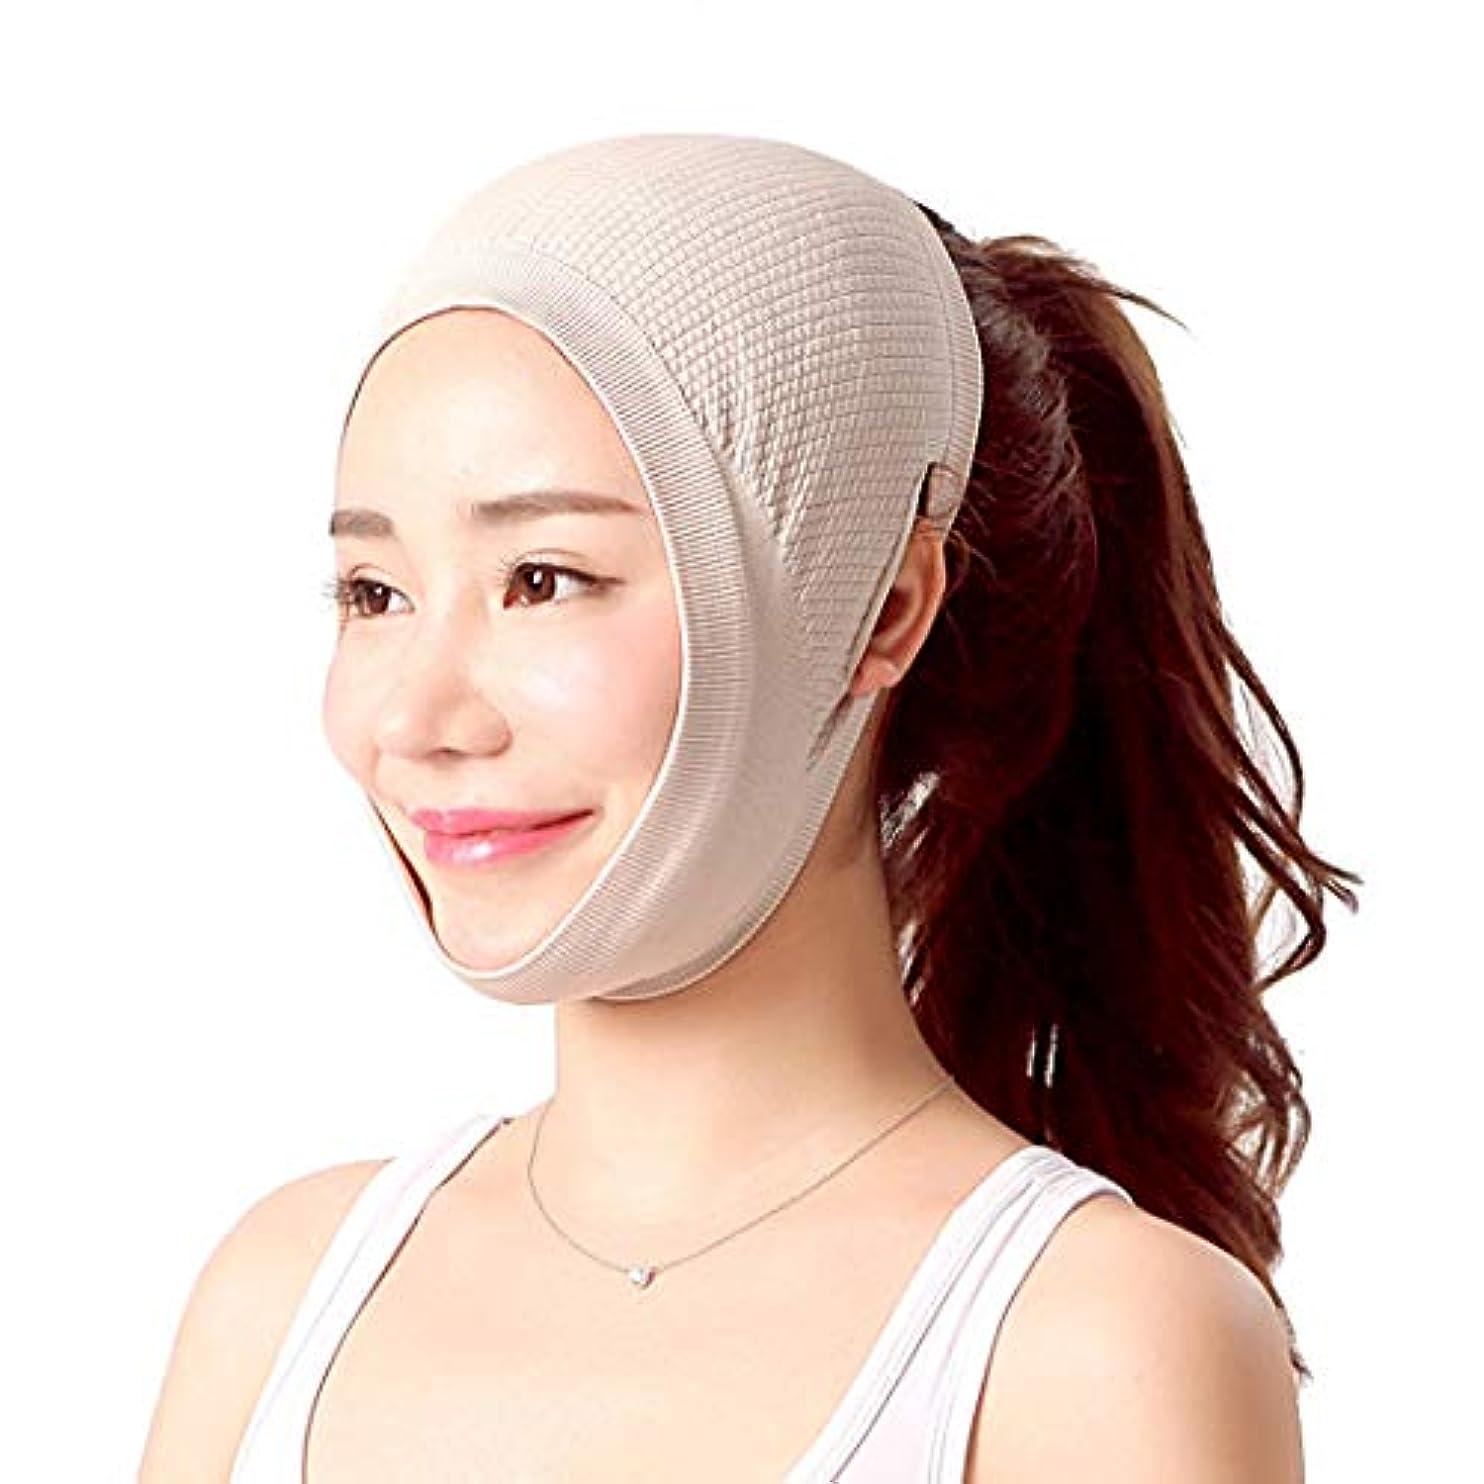 セラフゲートウェイ偽装するZWBD フェイスマスク, 減量の包帯を取除くために皮の包帯、二重あごをきつく締めるための顔の包帯が付いている顔の減量のマスクは調節することができます